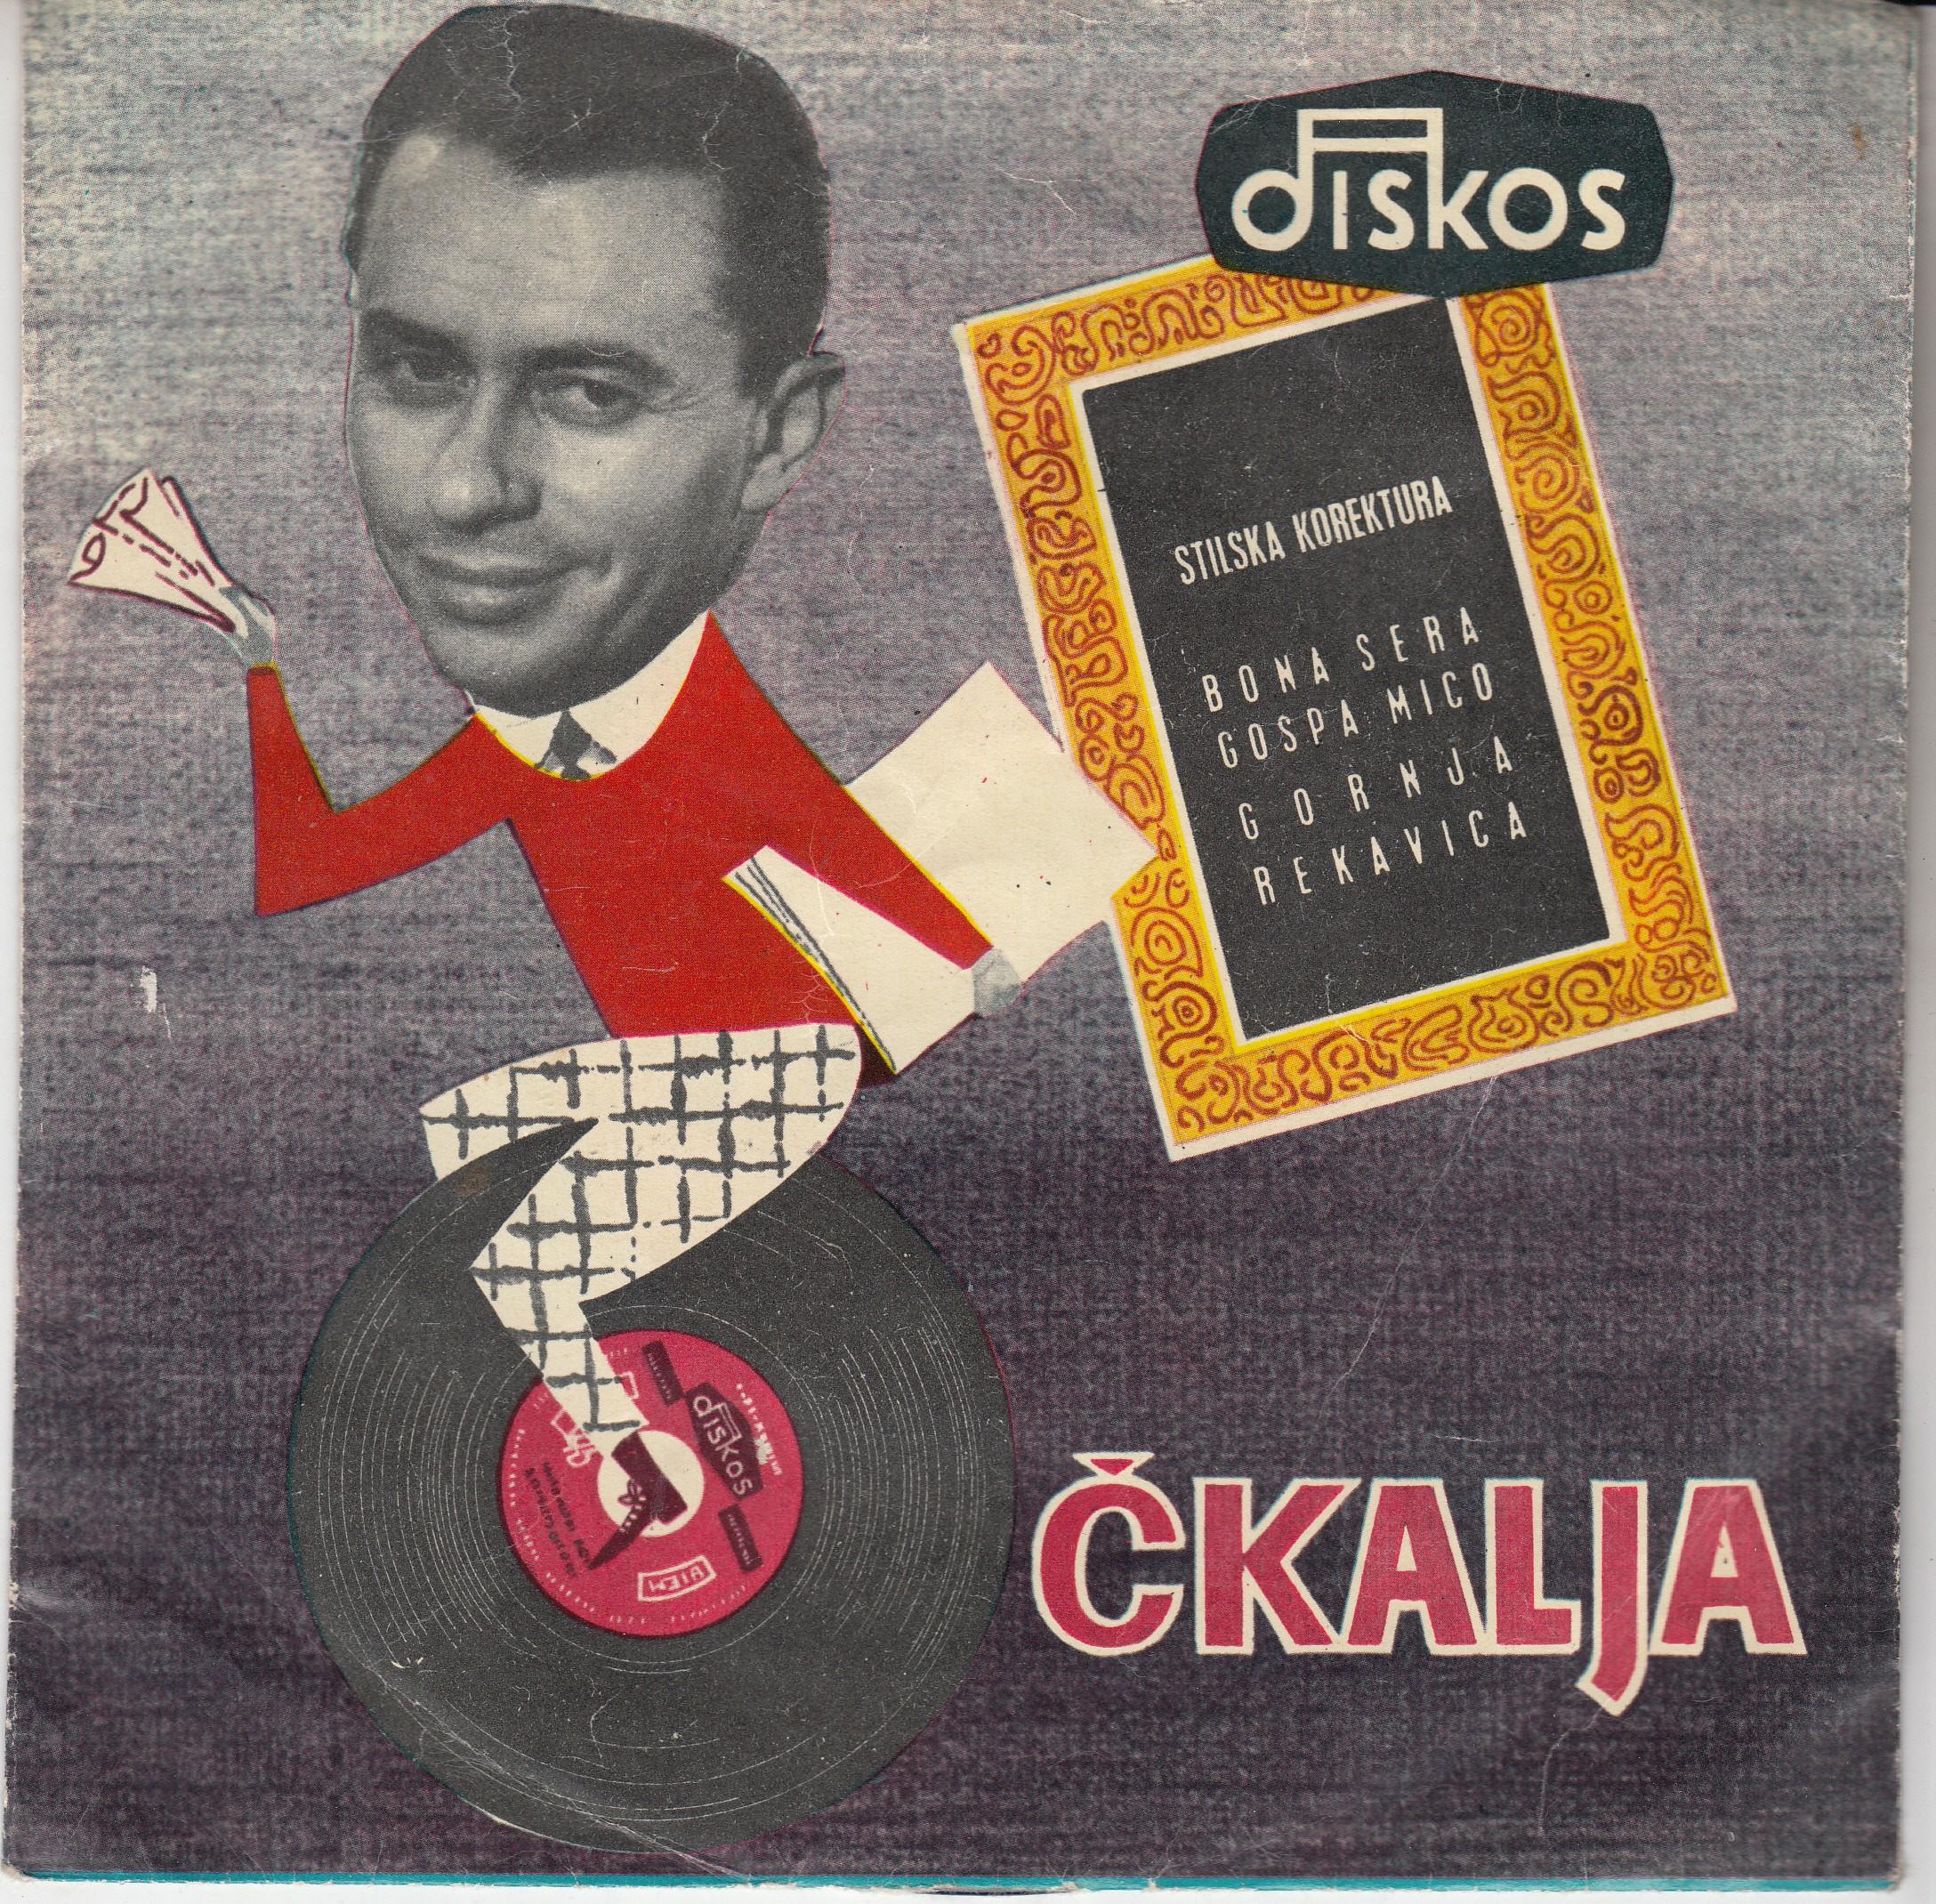 Petrovic-Ckalja Miodrag - Stilska Korektura/bona Sera Gospa Mico/gornja Rekavica